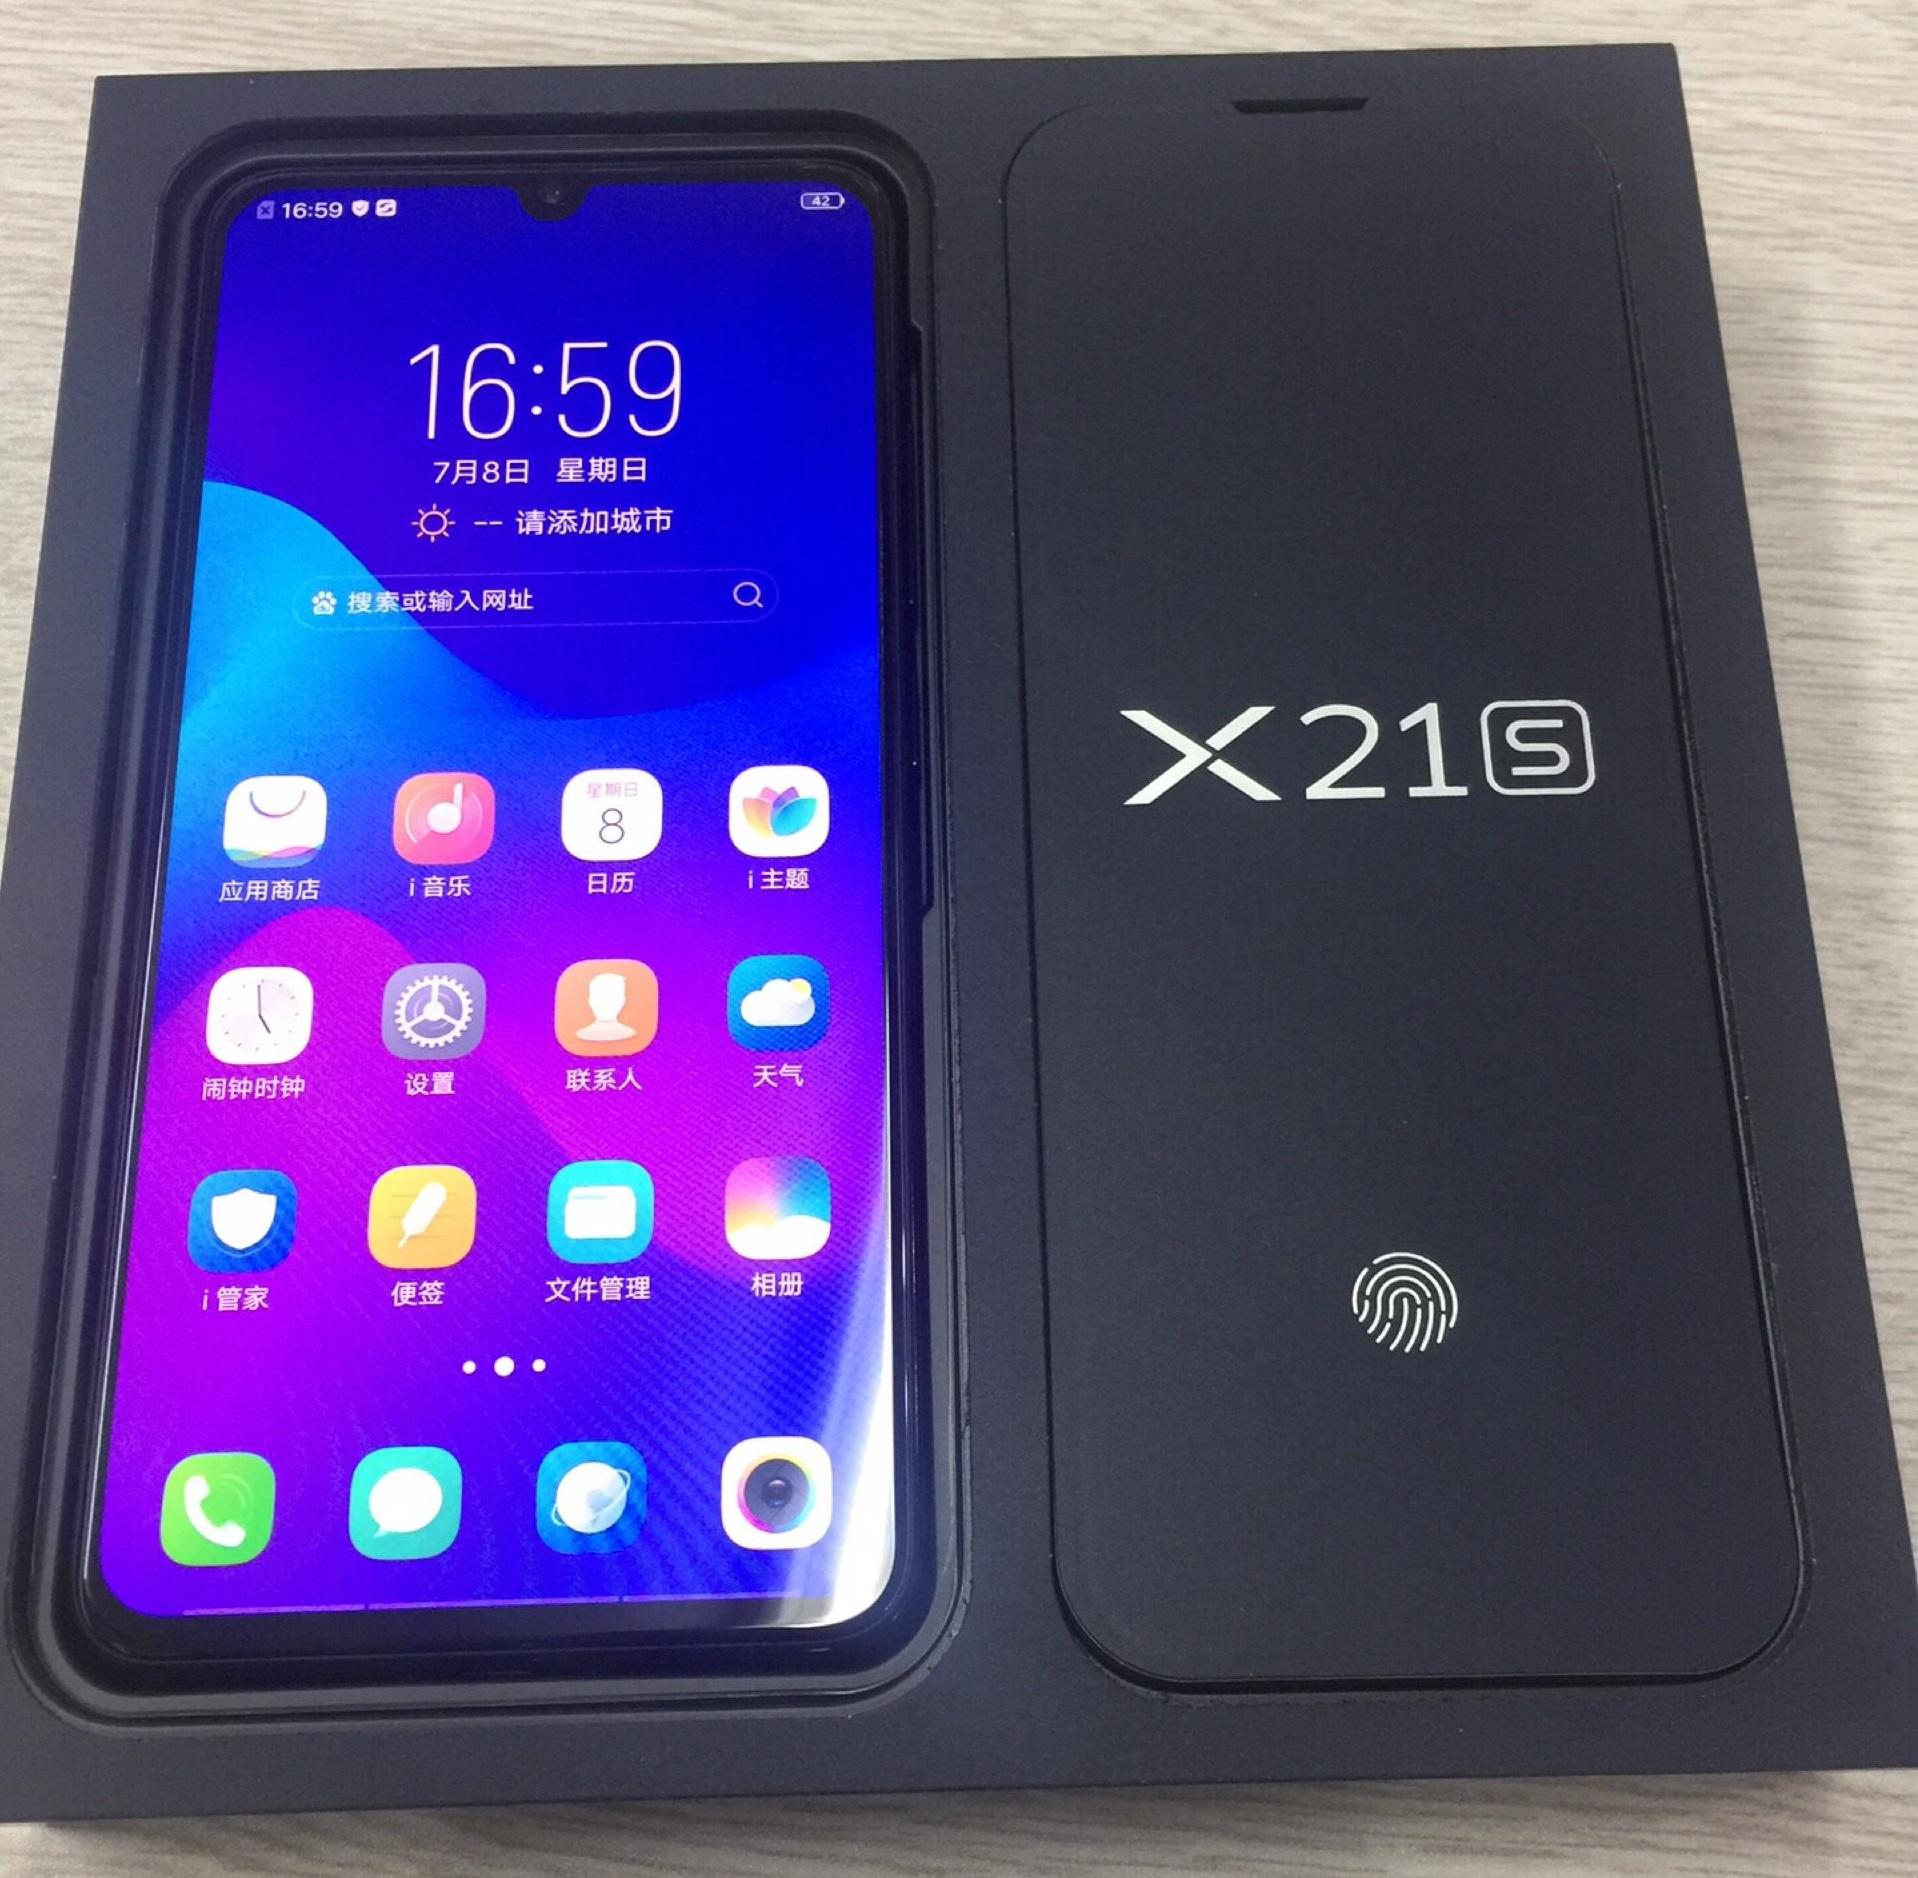 Vivo X21s : le smartphone avec lecteur d'empreintes dans l'écran se dévoile avant son annonce